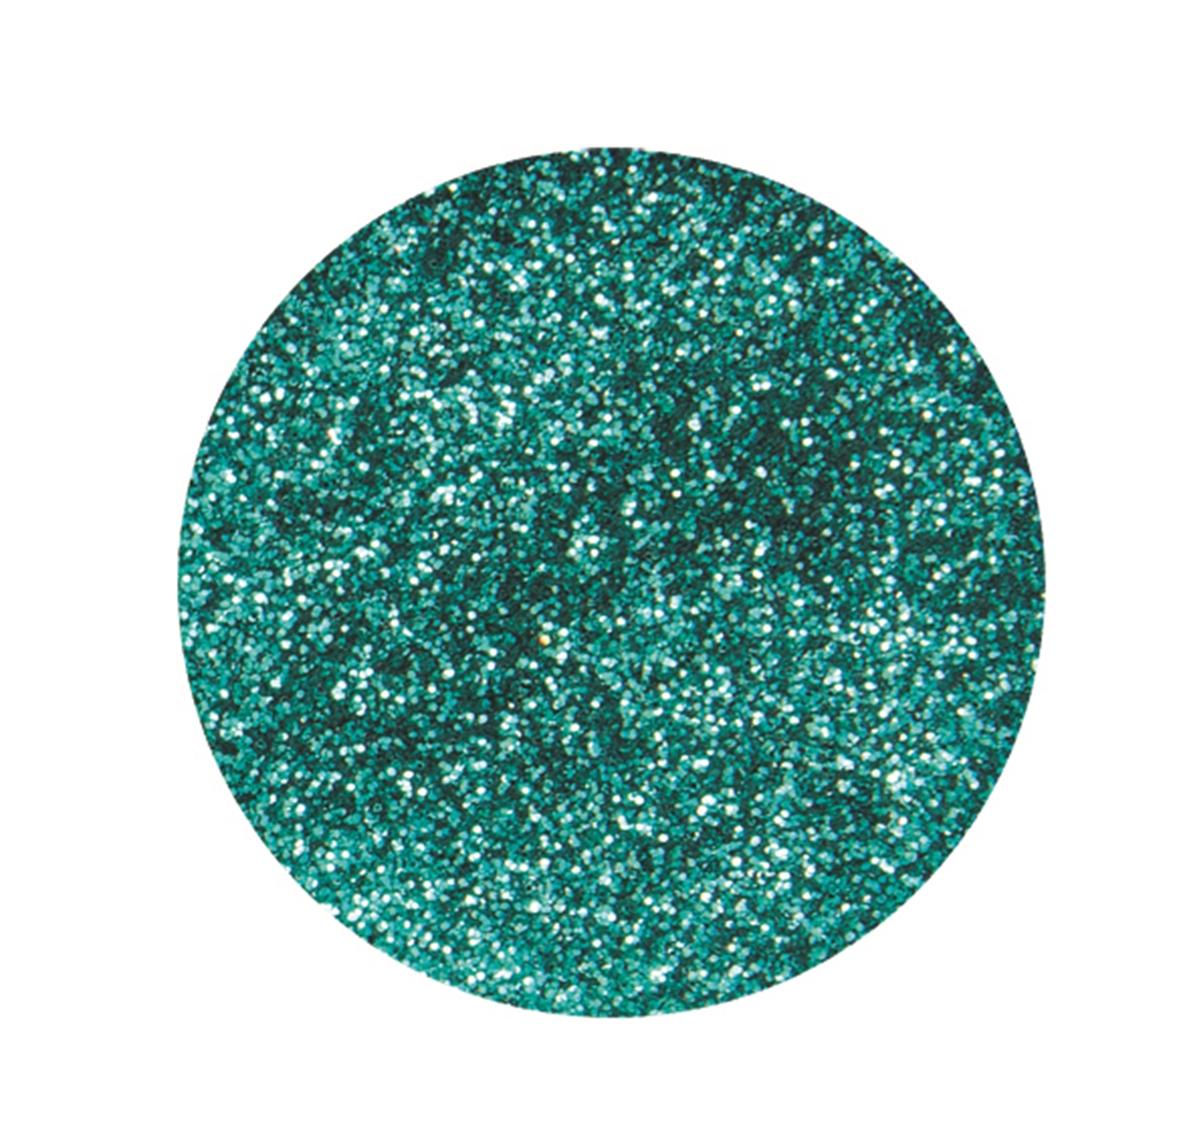 Boîte de 10 g de paillettes ultrafines - Coloris turquoise